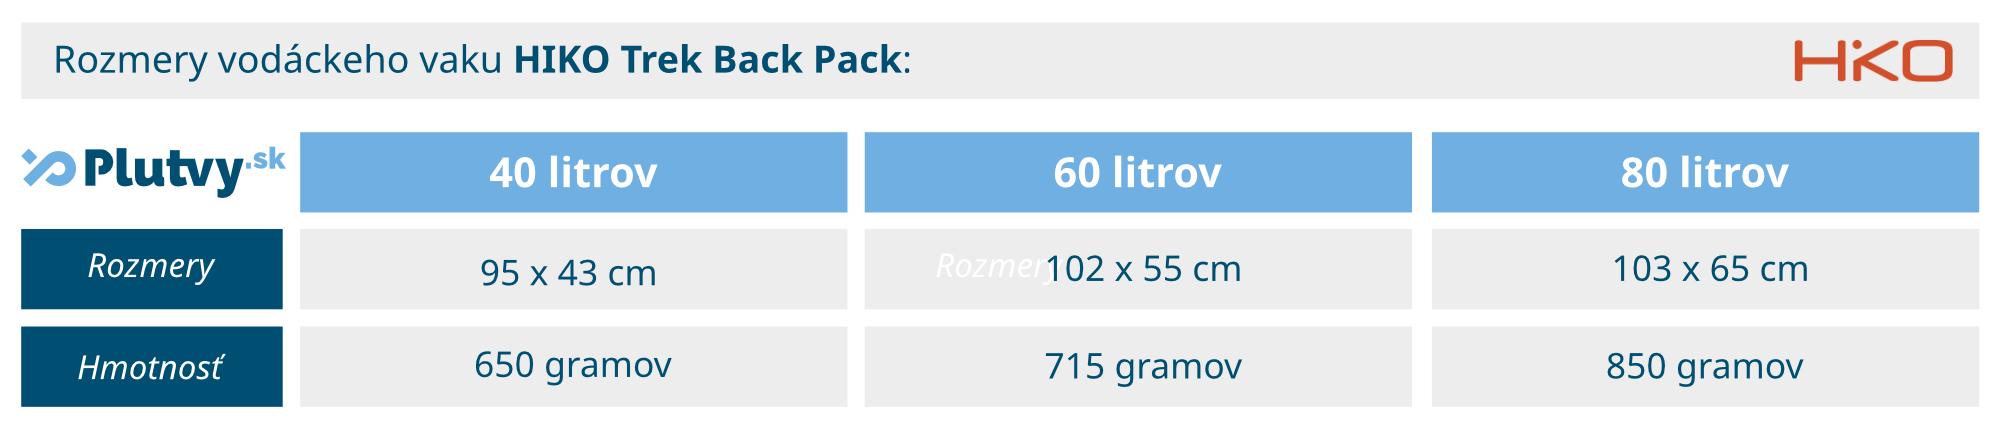 Tabuľka rozmerov suchého vaku Hiko Trek s popruhmi od Plutvy.sk